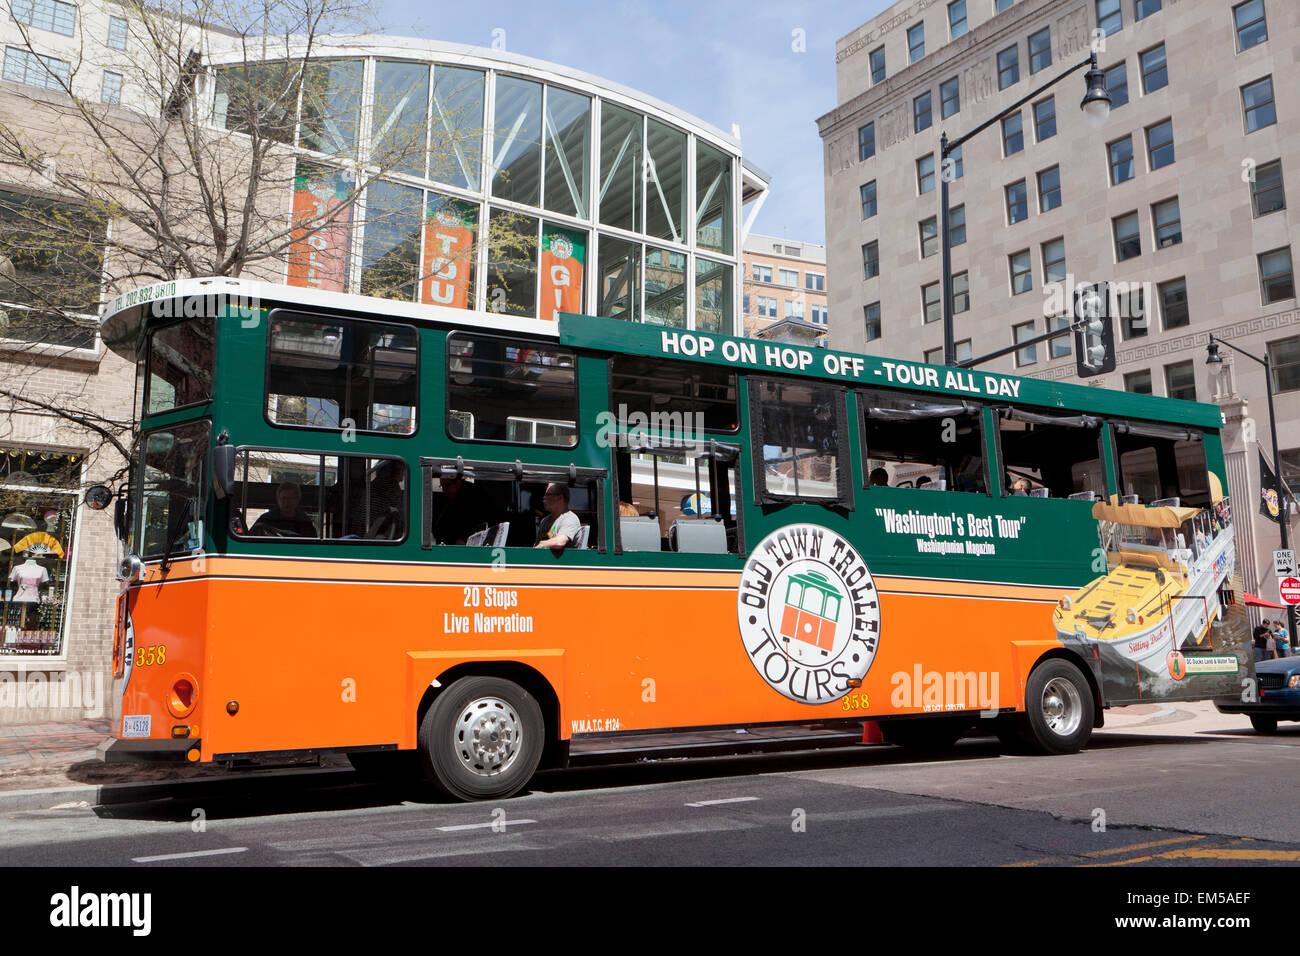 Washington Dc Tour Bus >> Old Town Trolley Sightseeing Tour Bus Washington Dc Usa Stock